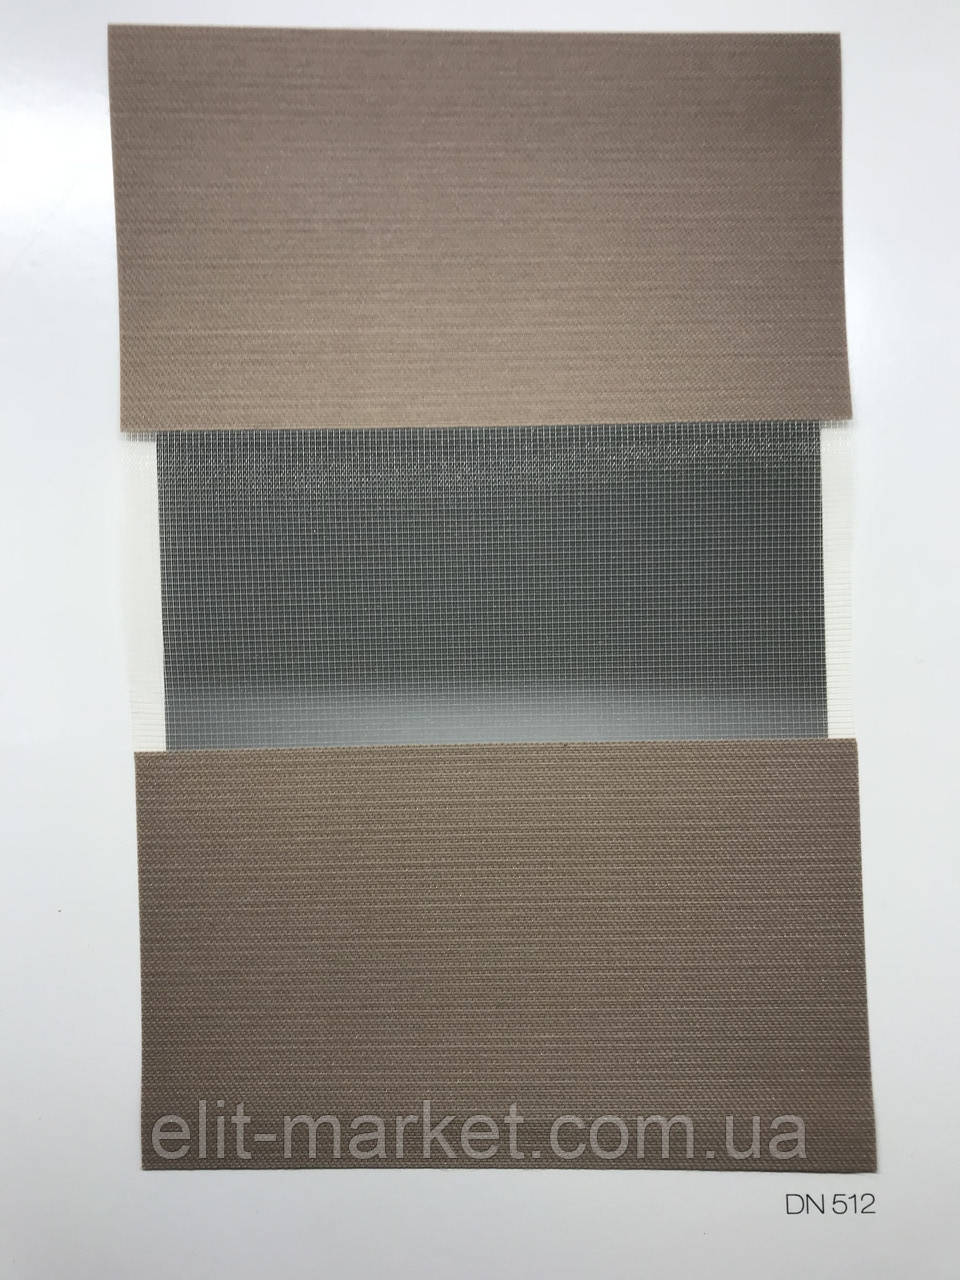 Рулонная штора DN 512